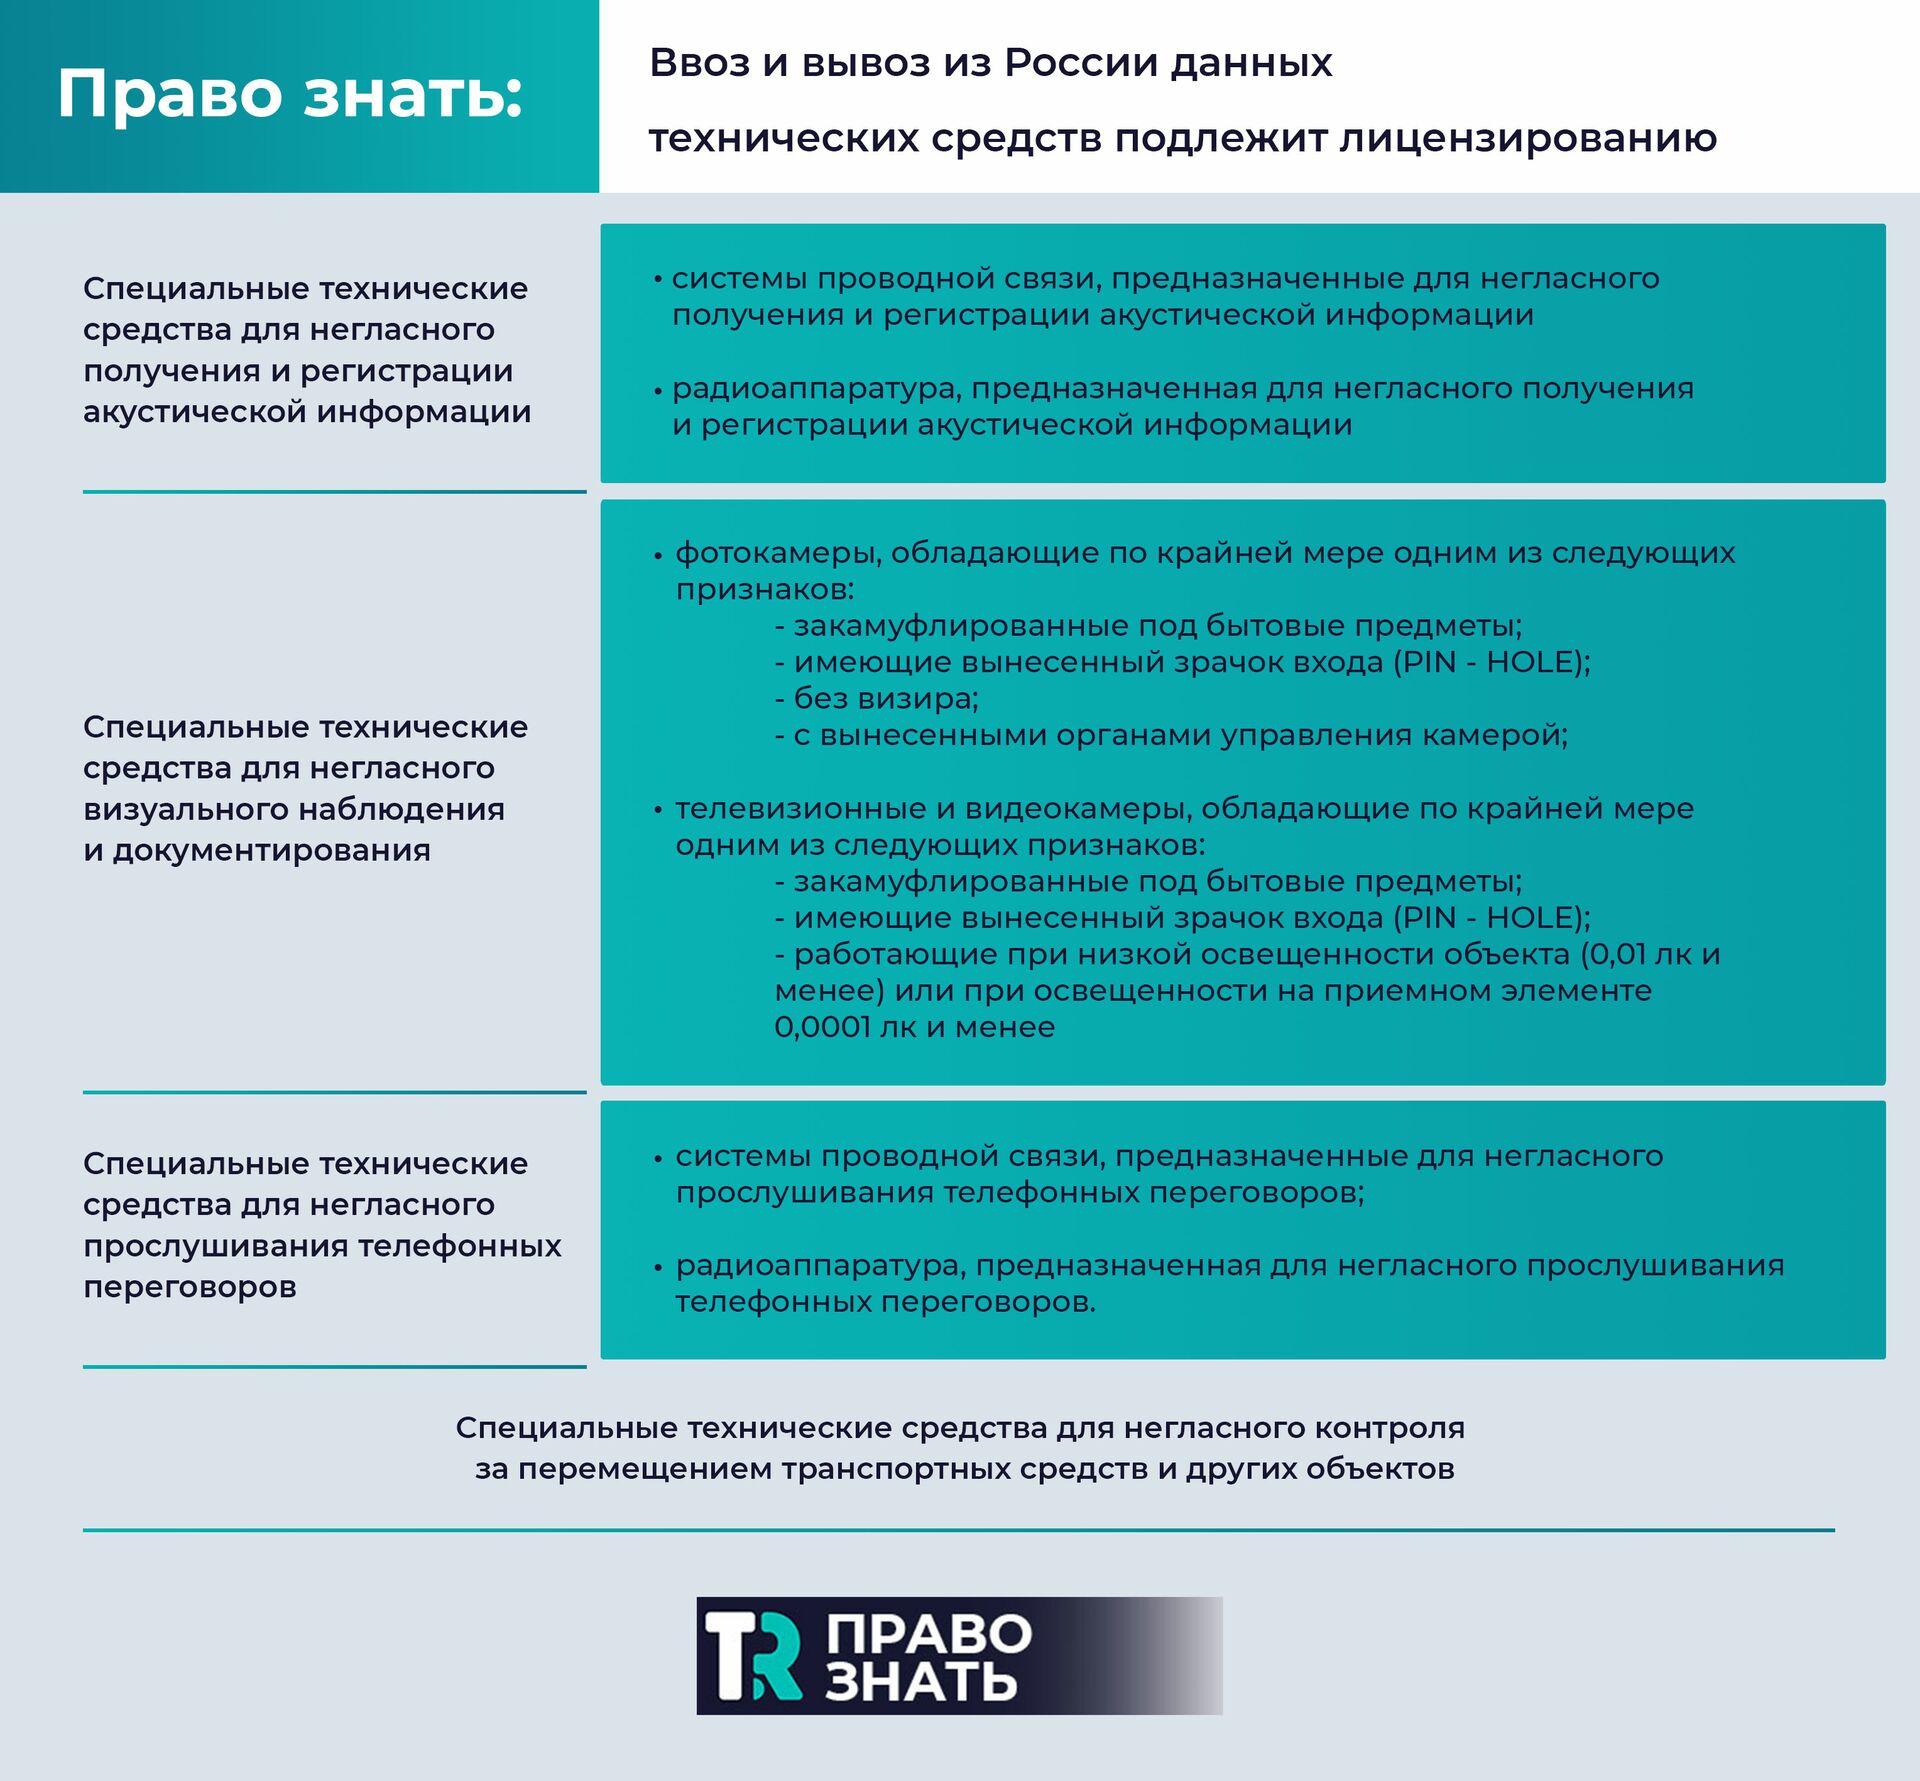 Томск.ру право знать инфографика